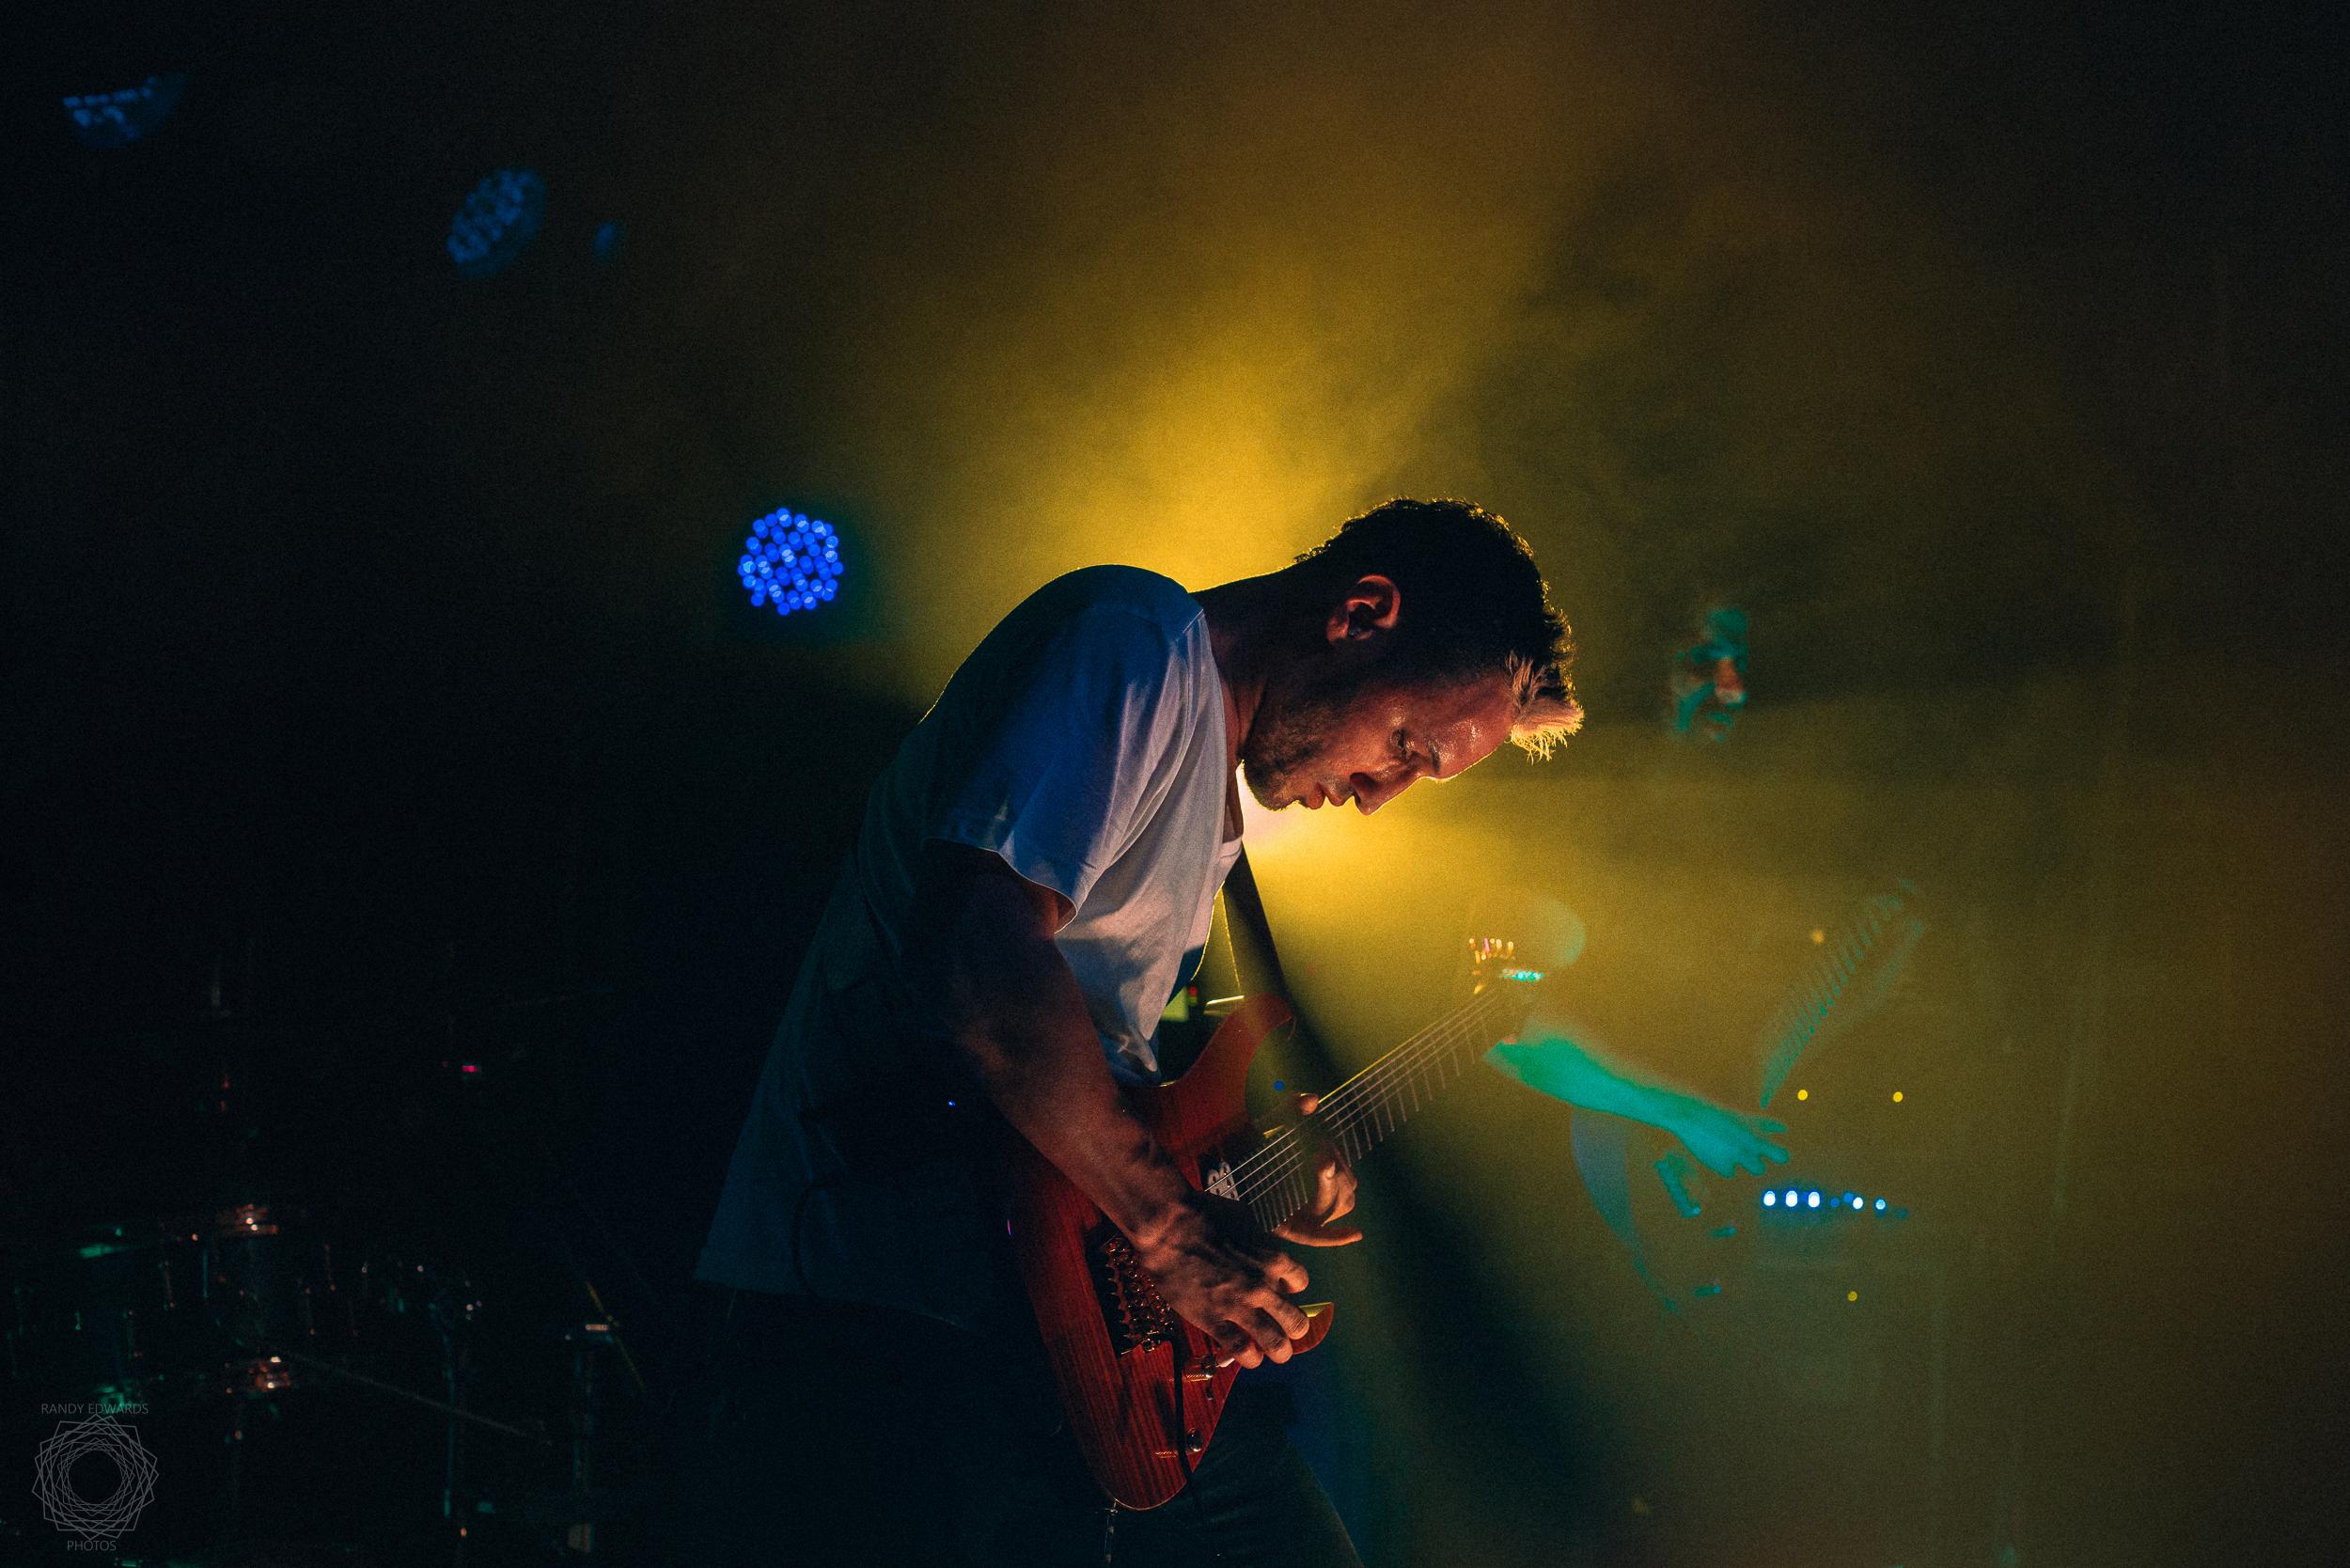 Photo by Randy Edwards